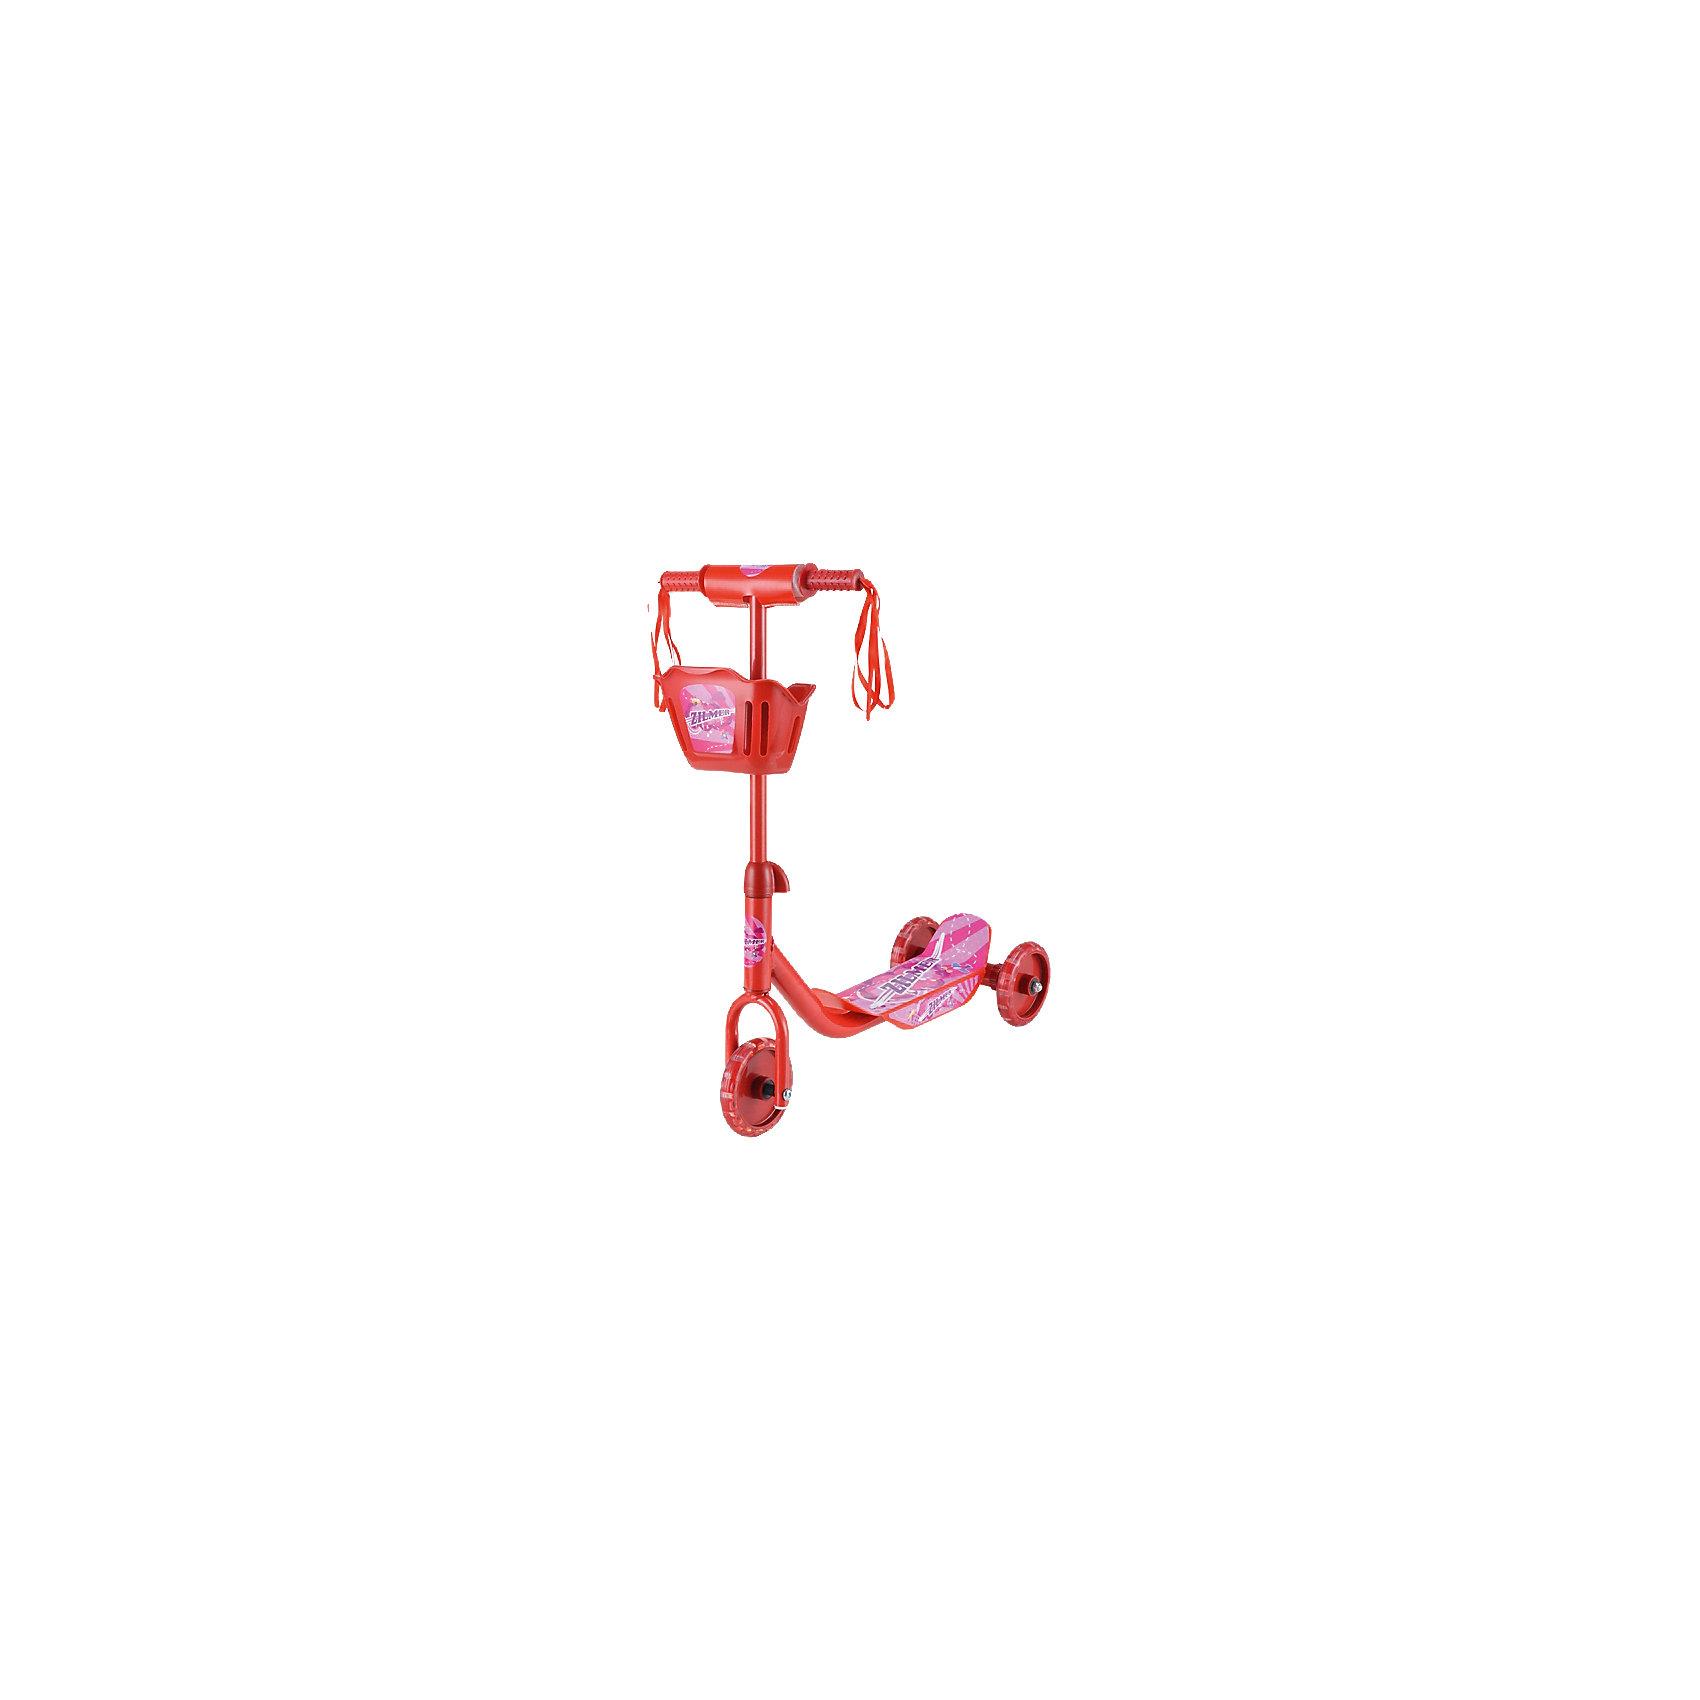 Самокат ZC-65 мини, ZilmerСамокат ZC-65 мини от Zilmer поможет ребёнку не только весело провести время, но и развить координацию, равновесие, ответственность и физическую форму. Три колеса делают его более устойчивым. Модель имеет широкую платформу, рифленые антискользящие ручки и удобную корзину для игрушек, которая располагается спереди. Самокат очень прост в использовании, изготовлен из безопасных прочных материалов. <br><br>Дополнительная информация:<br><br>- Материал: металл, ПВХ, пластик. <br>- Размер самоката: 50х10,5х65 см.<br>- Диаметр колес: 12,5 см.<br>- Количество колес: 3.<br>- Широкая платформа.<br>- Антискользящие рифленые ручки. <br>- Максимальная нагрузка: 20 кг.<br>- Корзина спереди. <br><br>Самокат ZC-65 мини, Zilmer, можно купить в нашем магазине.<br><br>Ширина мм: 470<br>Глубина мм: 130<br>Высота мм: 320<br>Вес г: 1850<br>Возраст от месяцев: 72<br>Возраст до месяцев: 1188<br>Пол: Унисекс<br>Возраст: Детский<br>SKU: 4635553